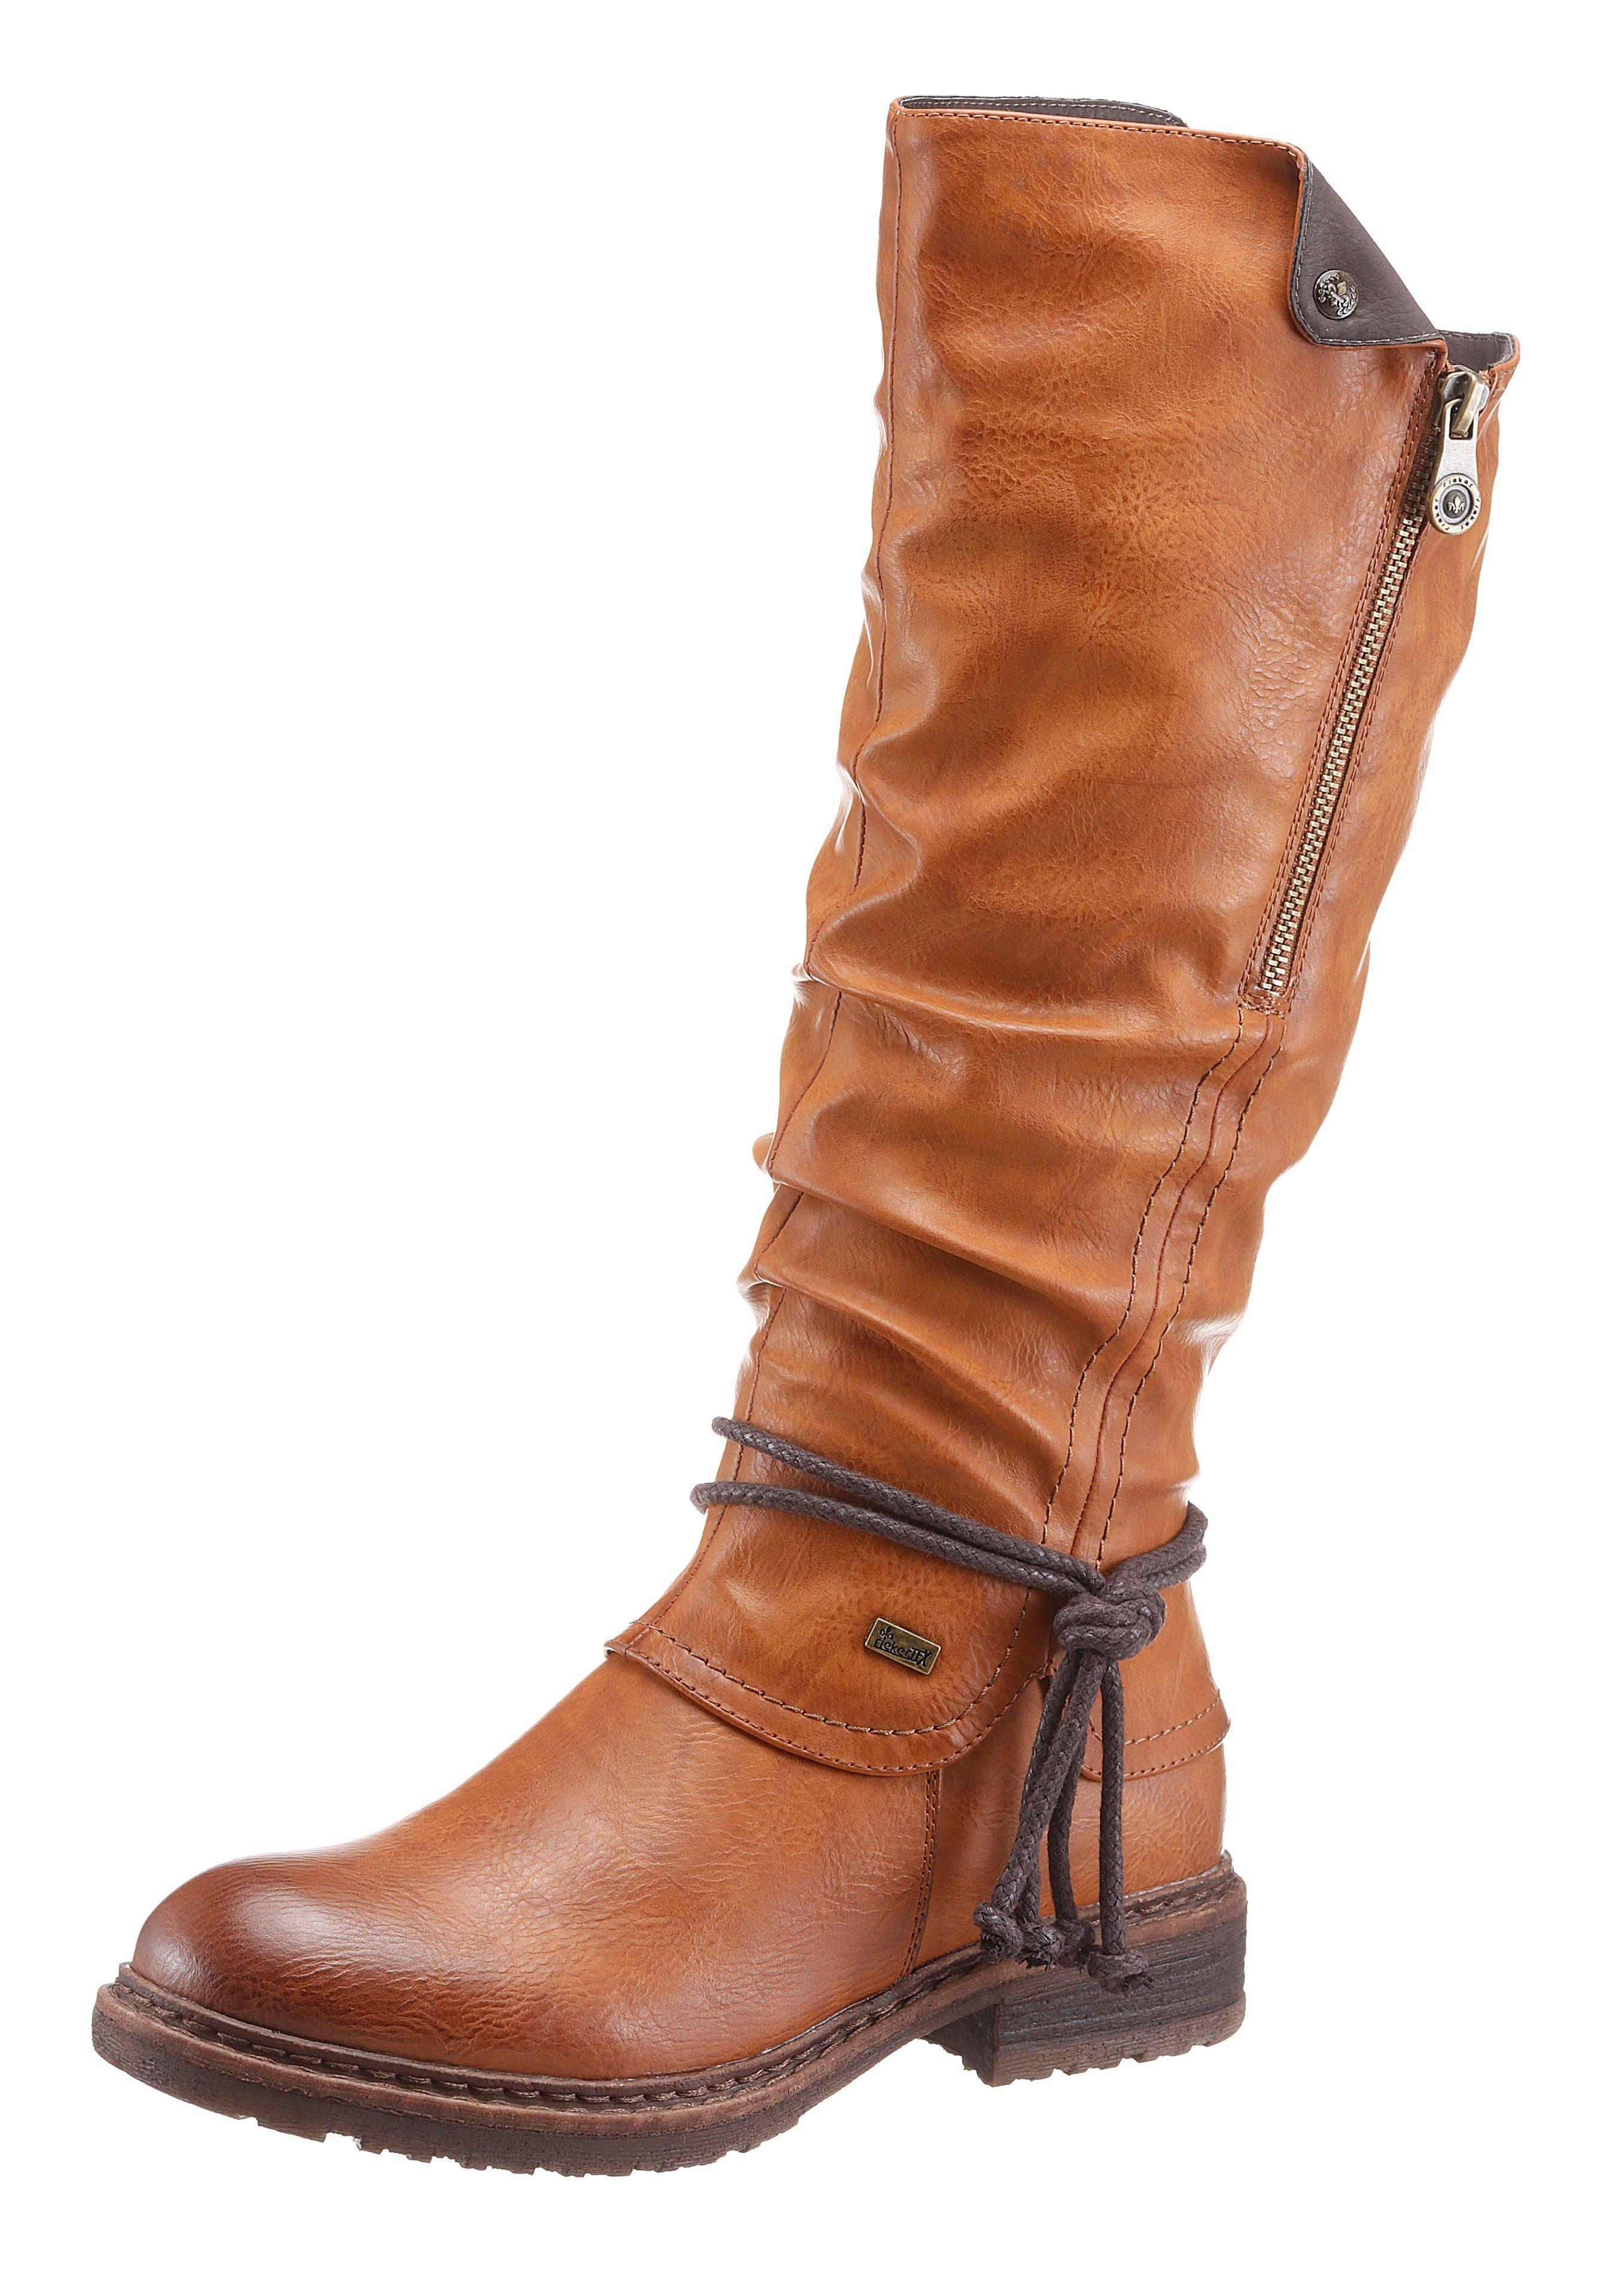 Rieker Weitschaftstiefel | Schuhe > Stiefel > Weitschaftstiefel | Rieker